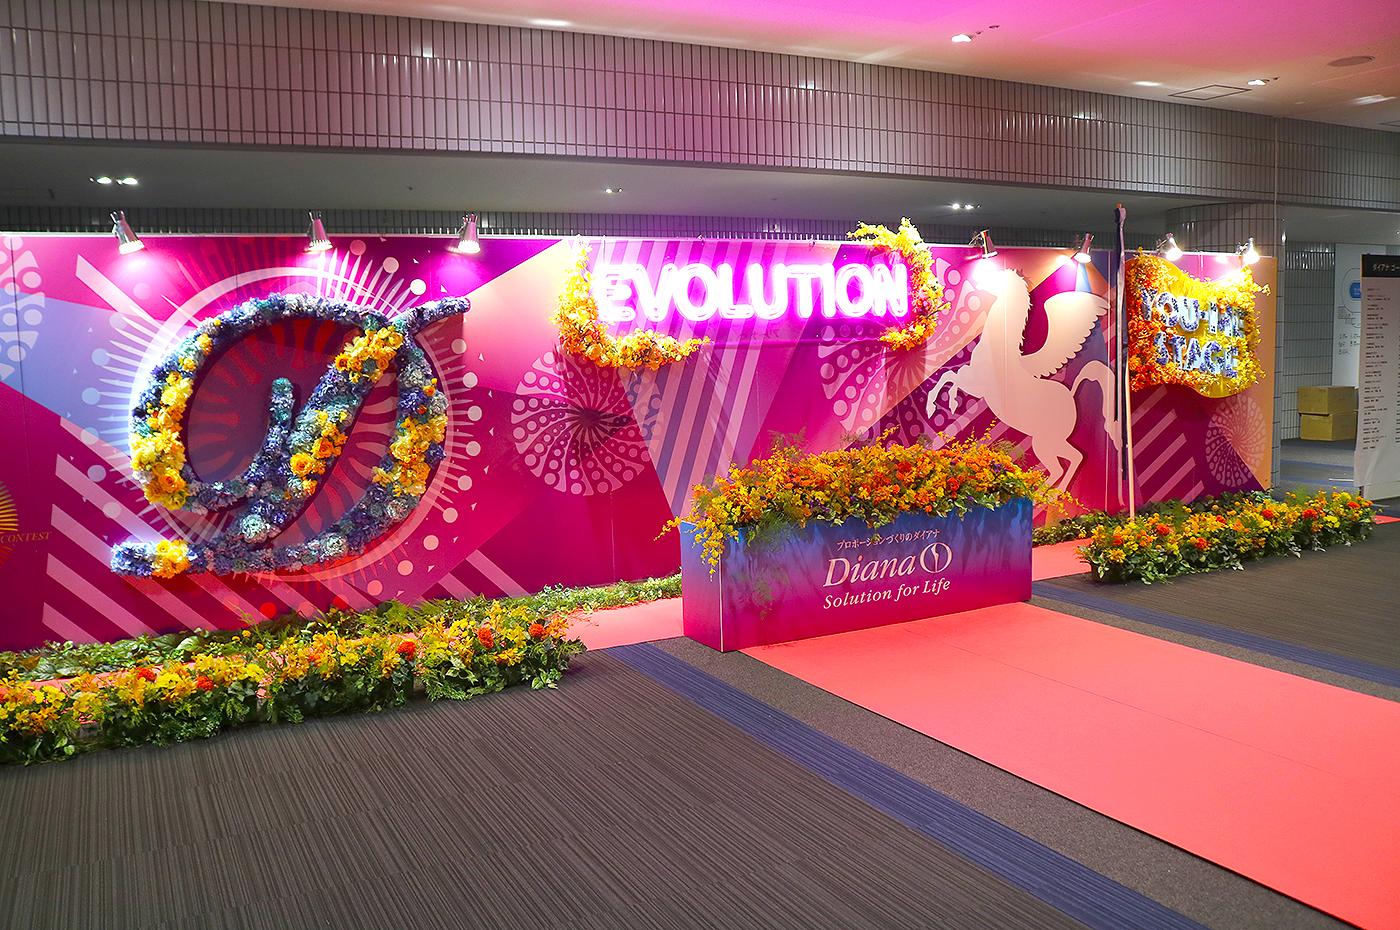 ダイアナゴールデンポロポーションアワード2019装飾